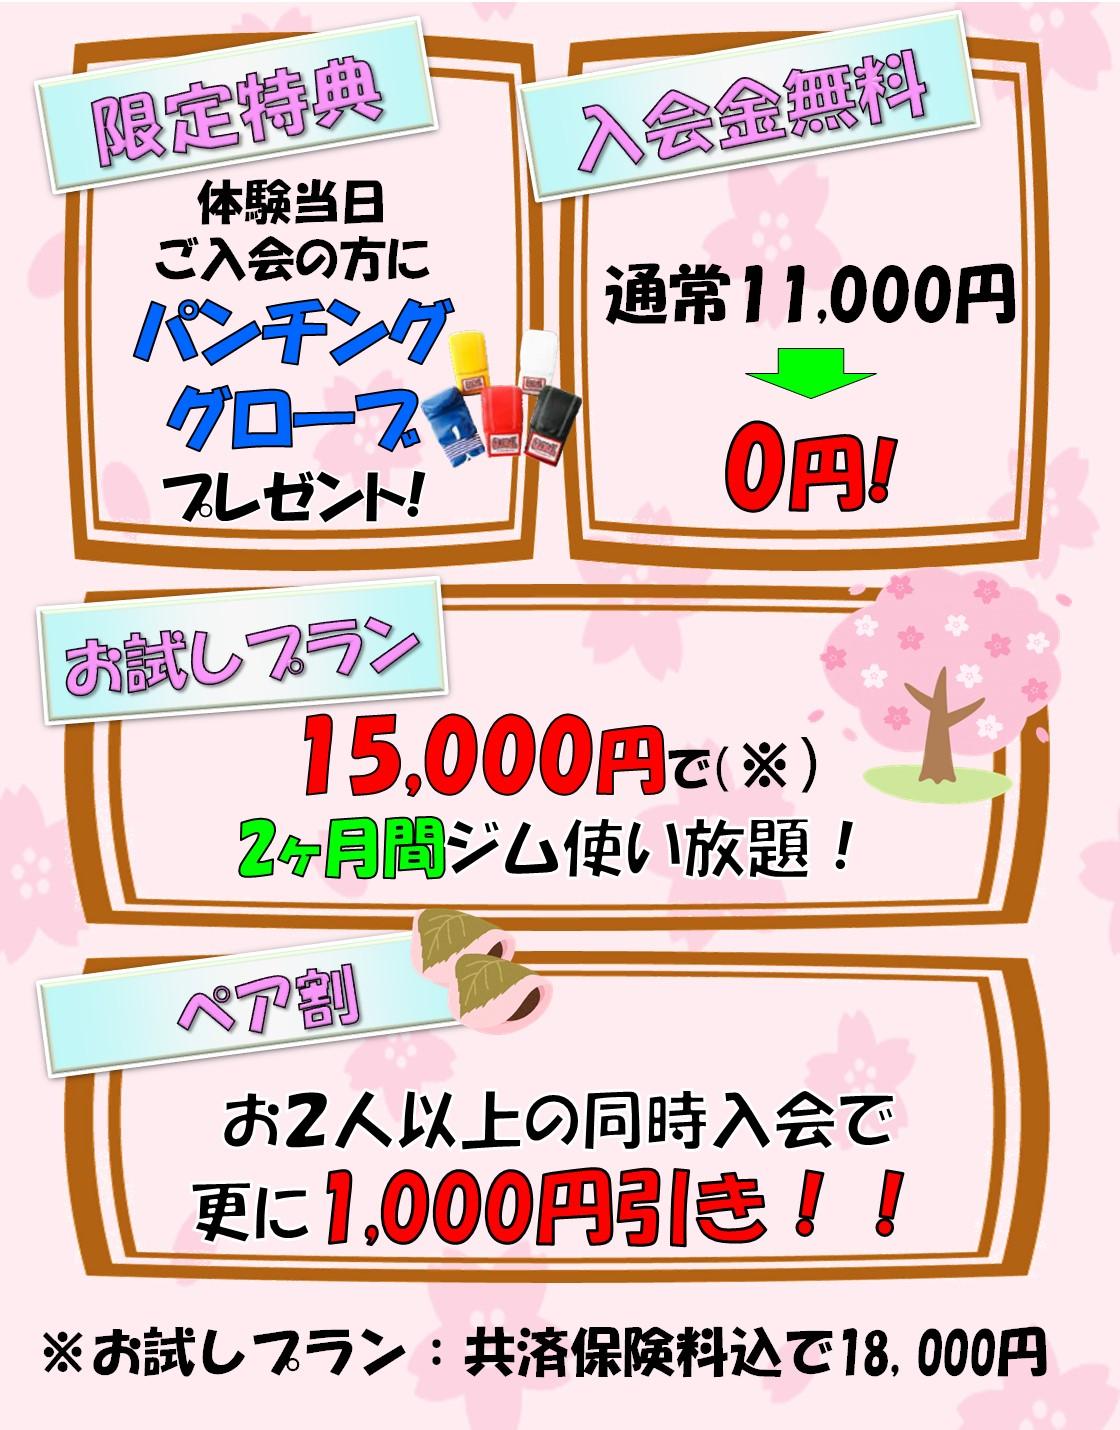 レジェンド横浜ジム キャンペーン情報